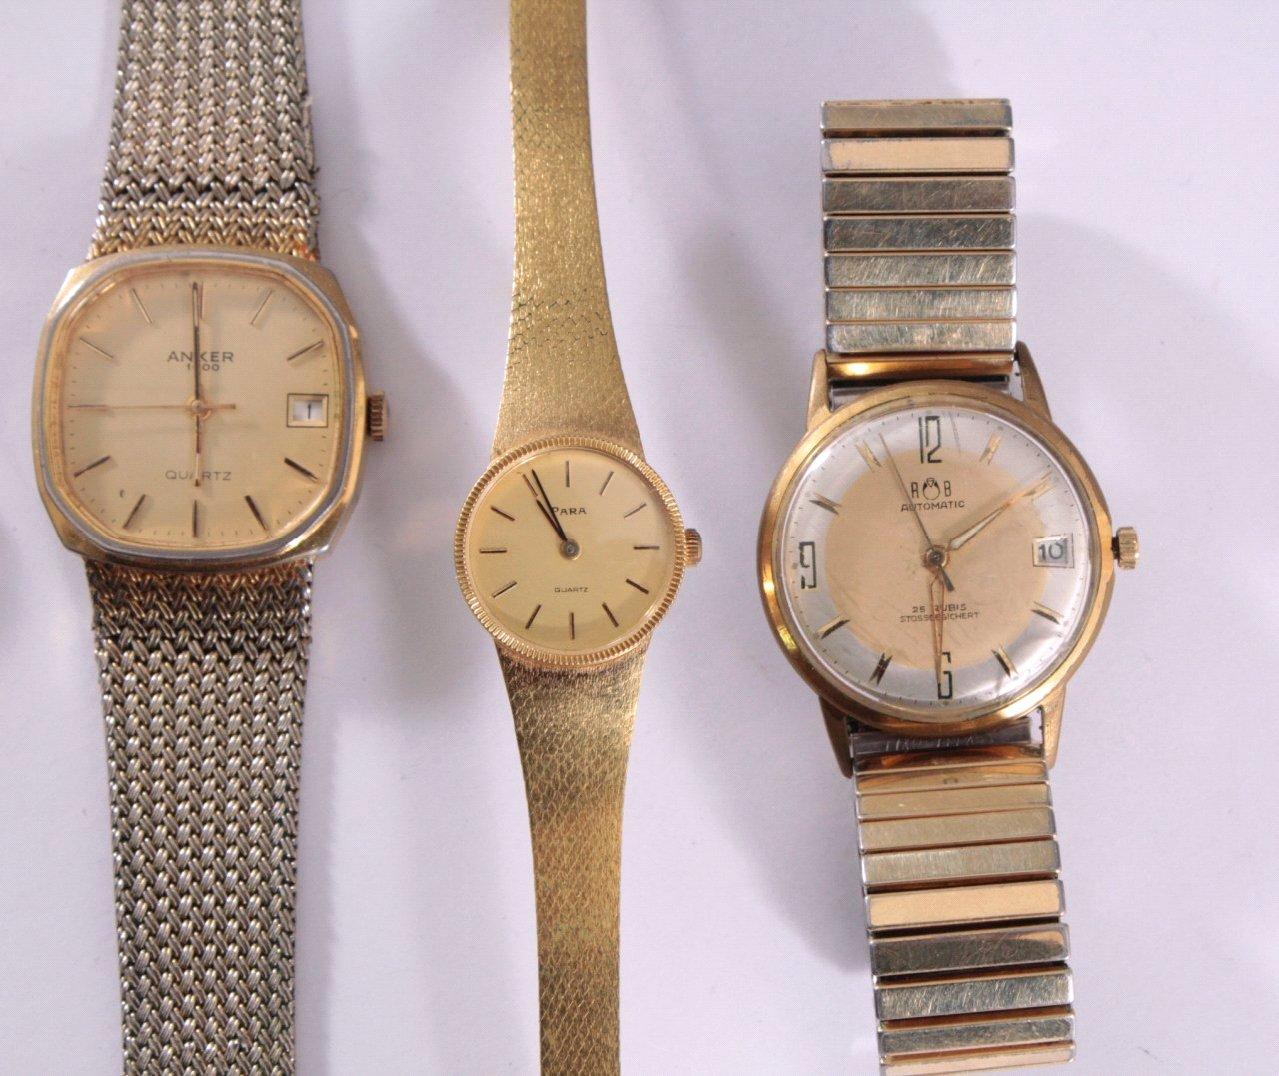 5 Armbanduhren, Herren und Damen-2